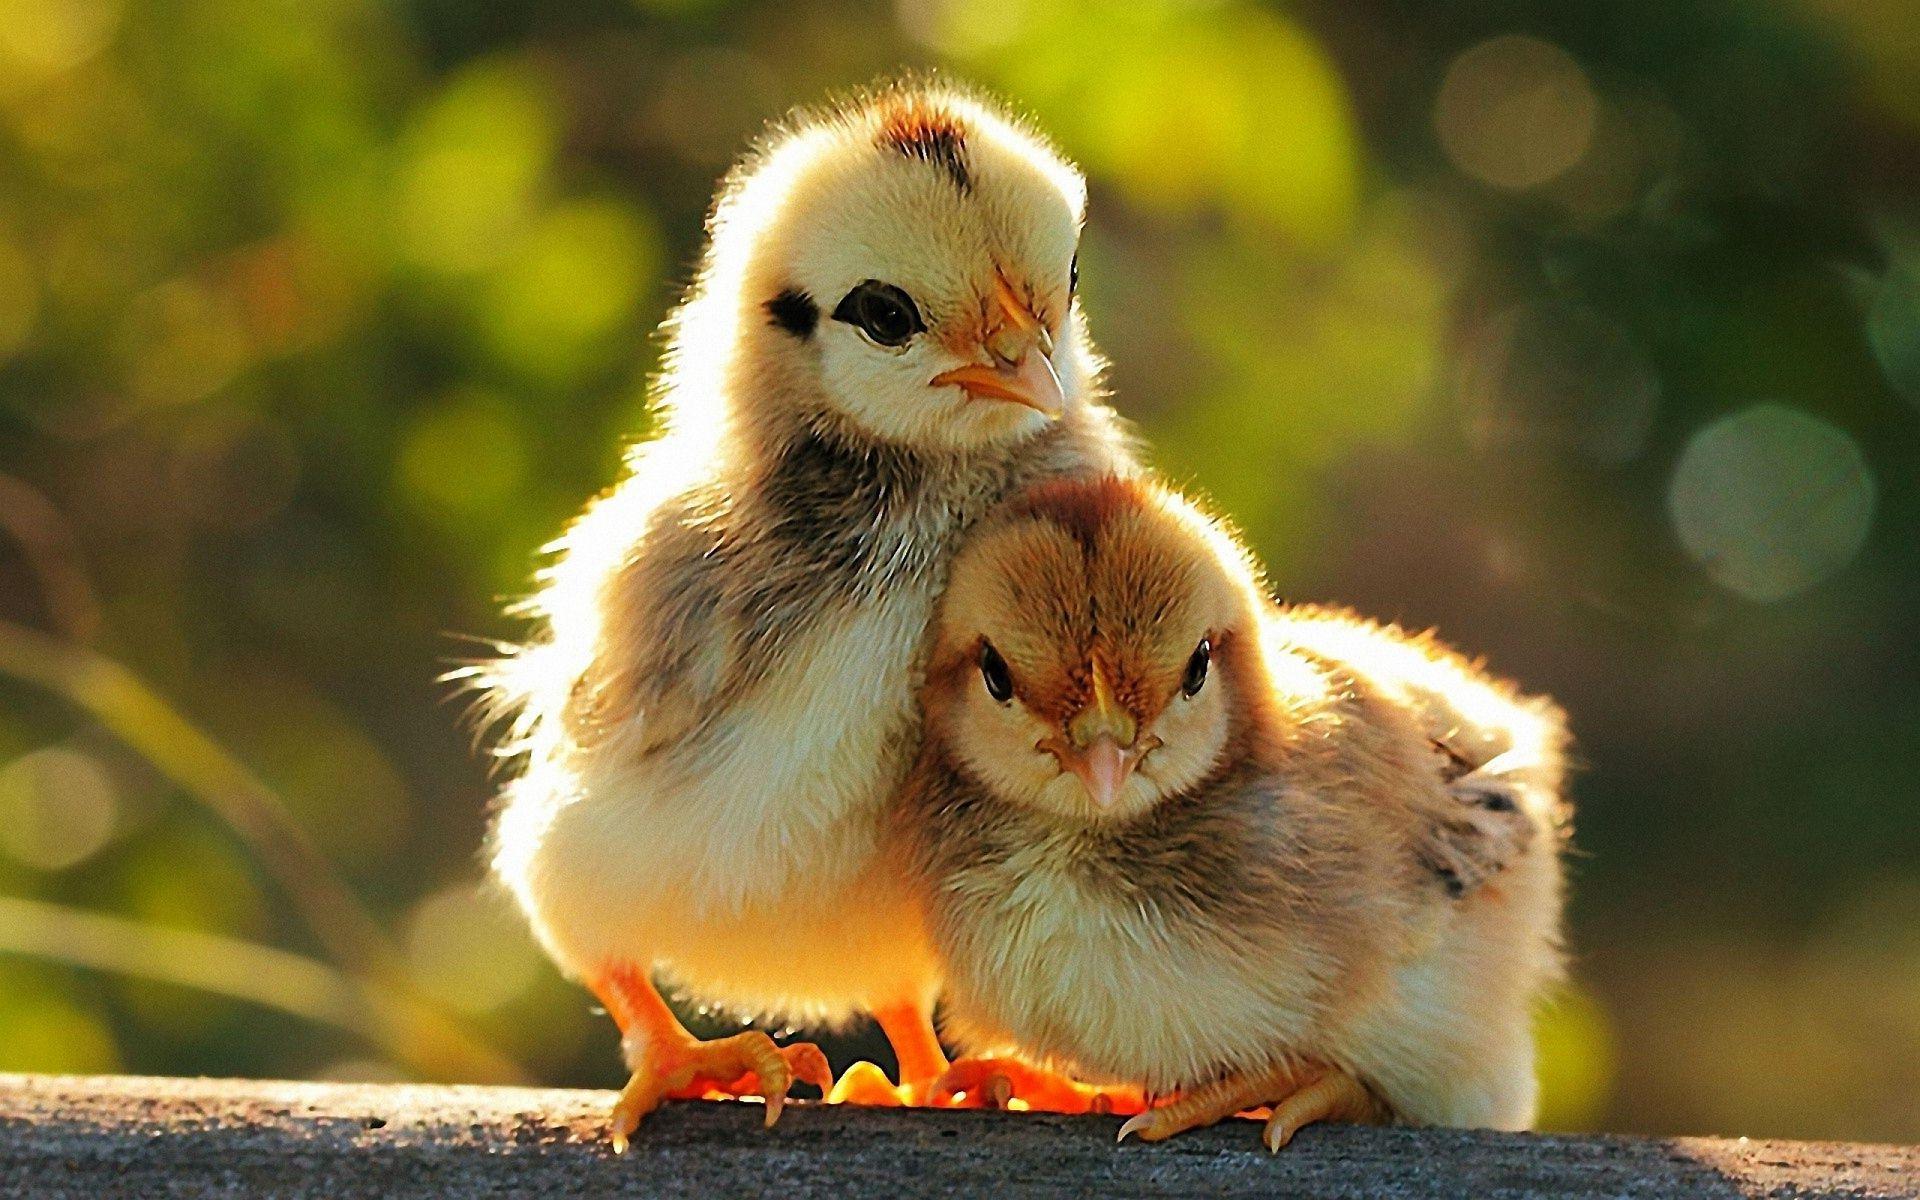 chickens1.jpg